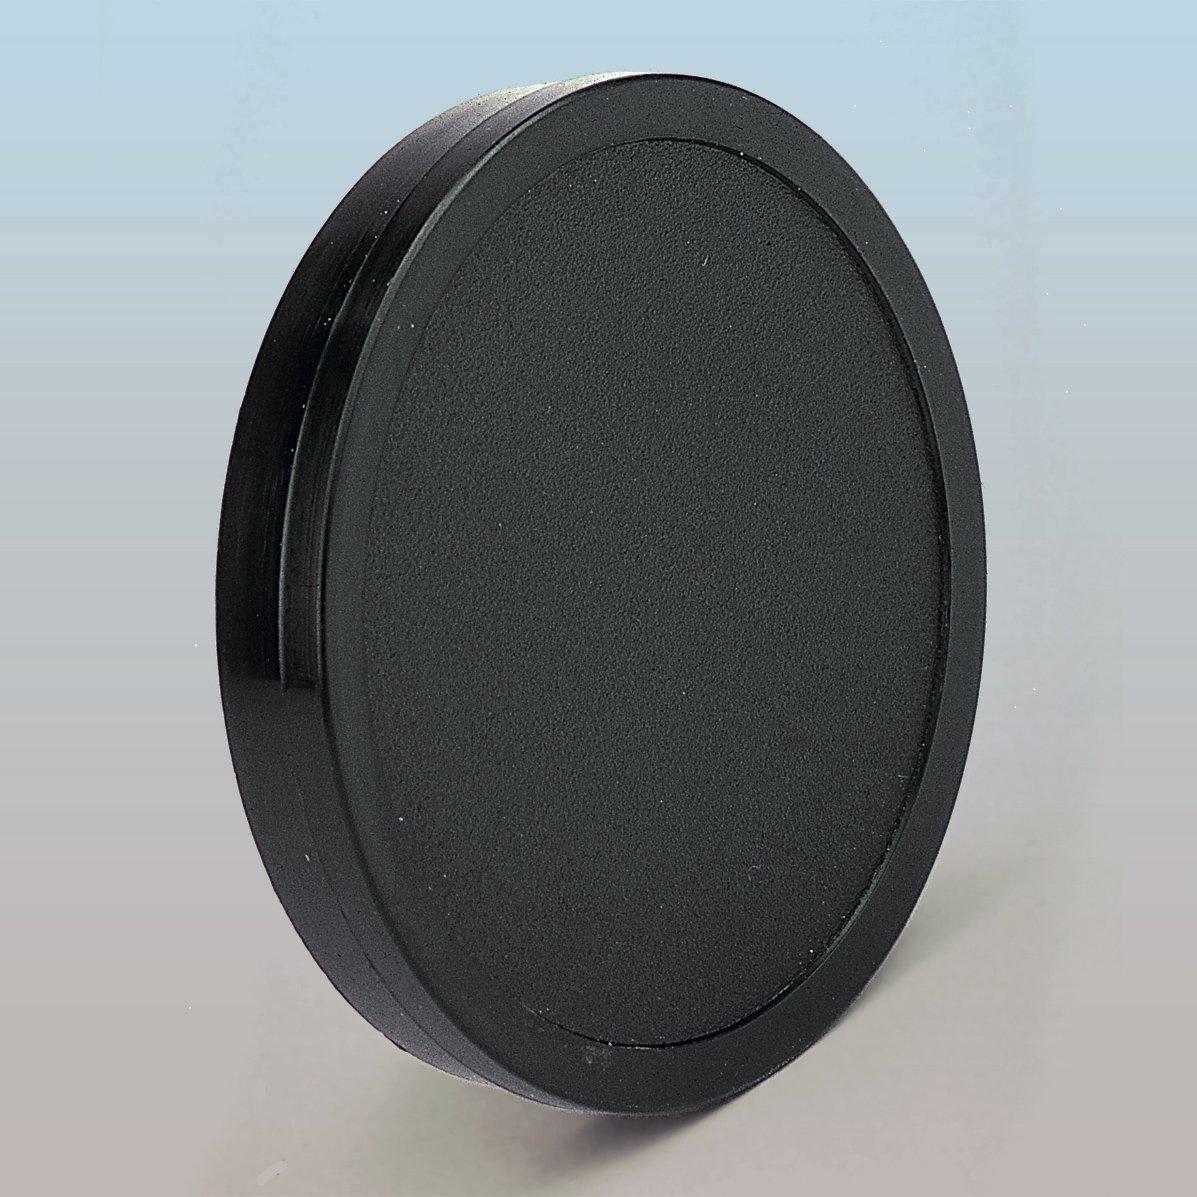 Kaiser Slip-On Lens Cap for Lenses with an Outside Diameter of 80mm (206980)